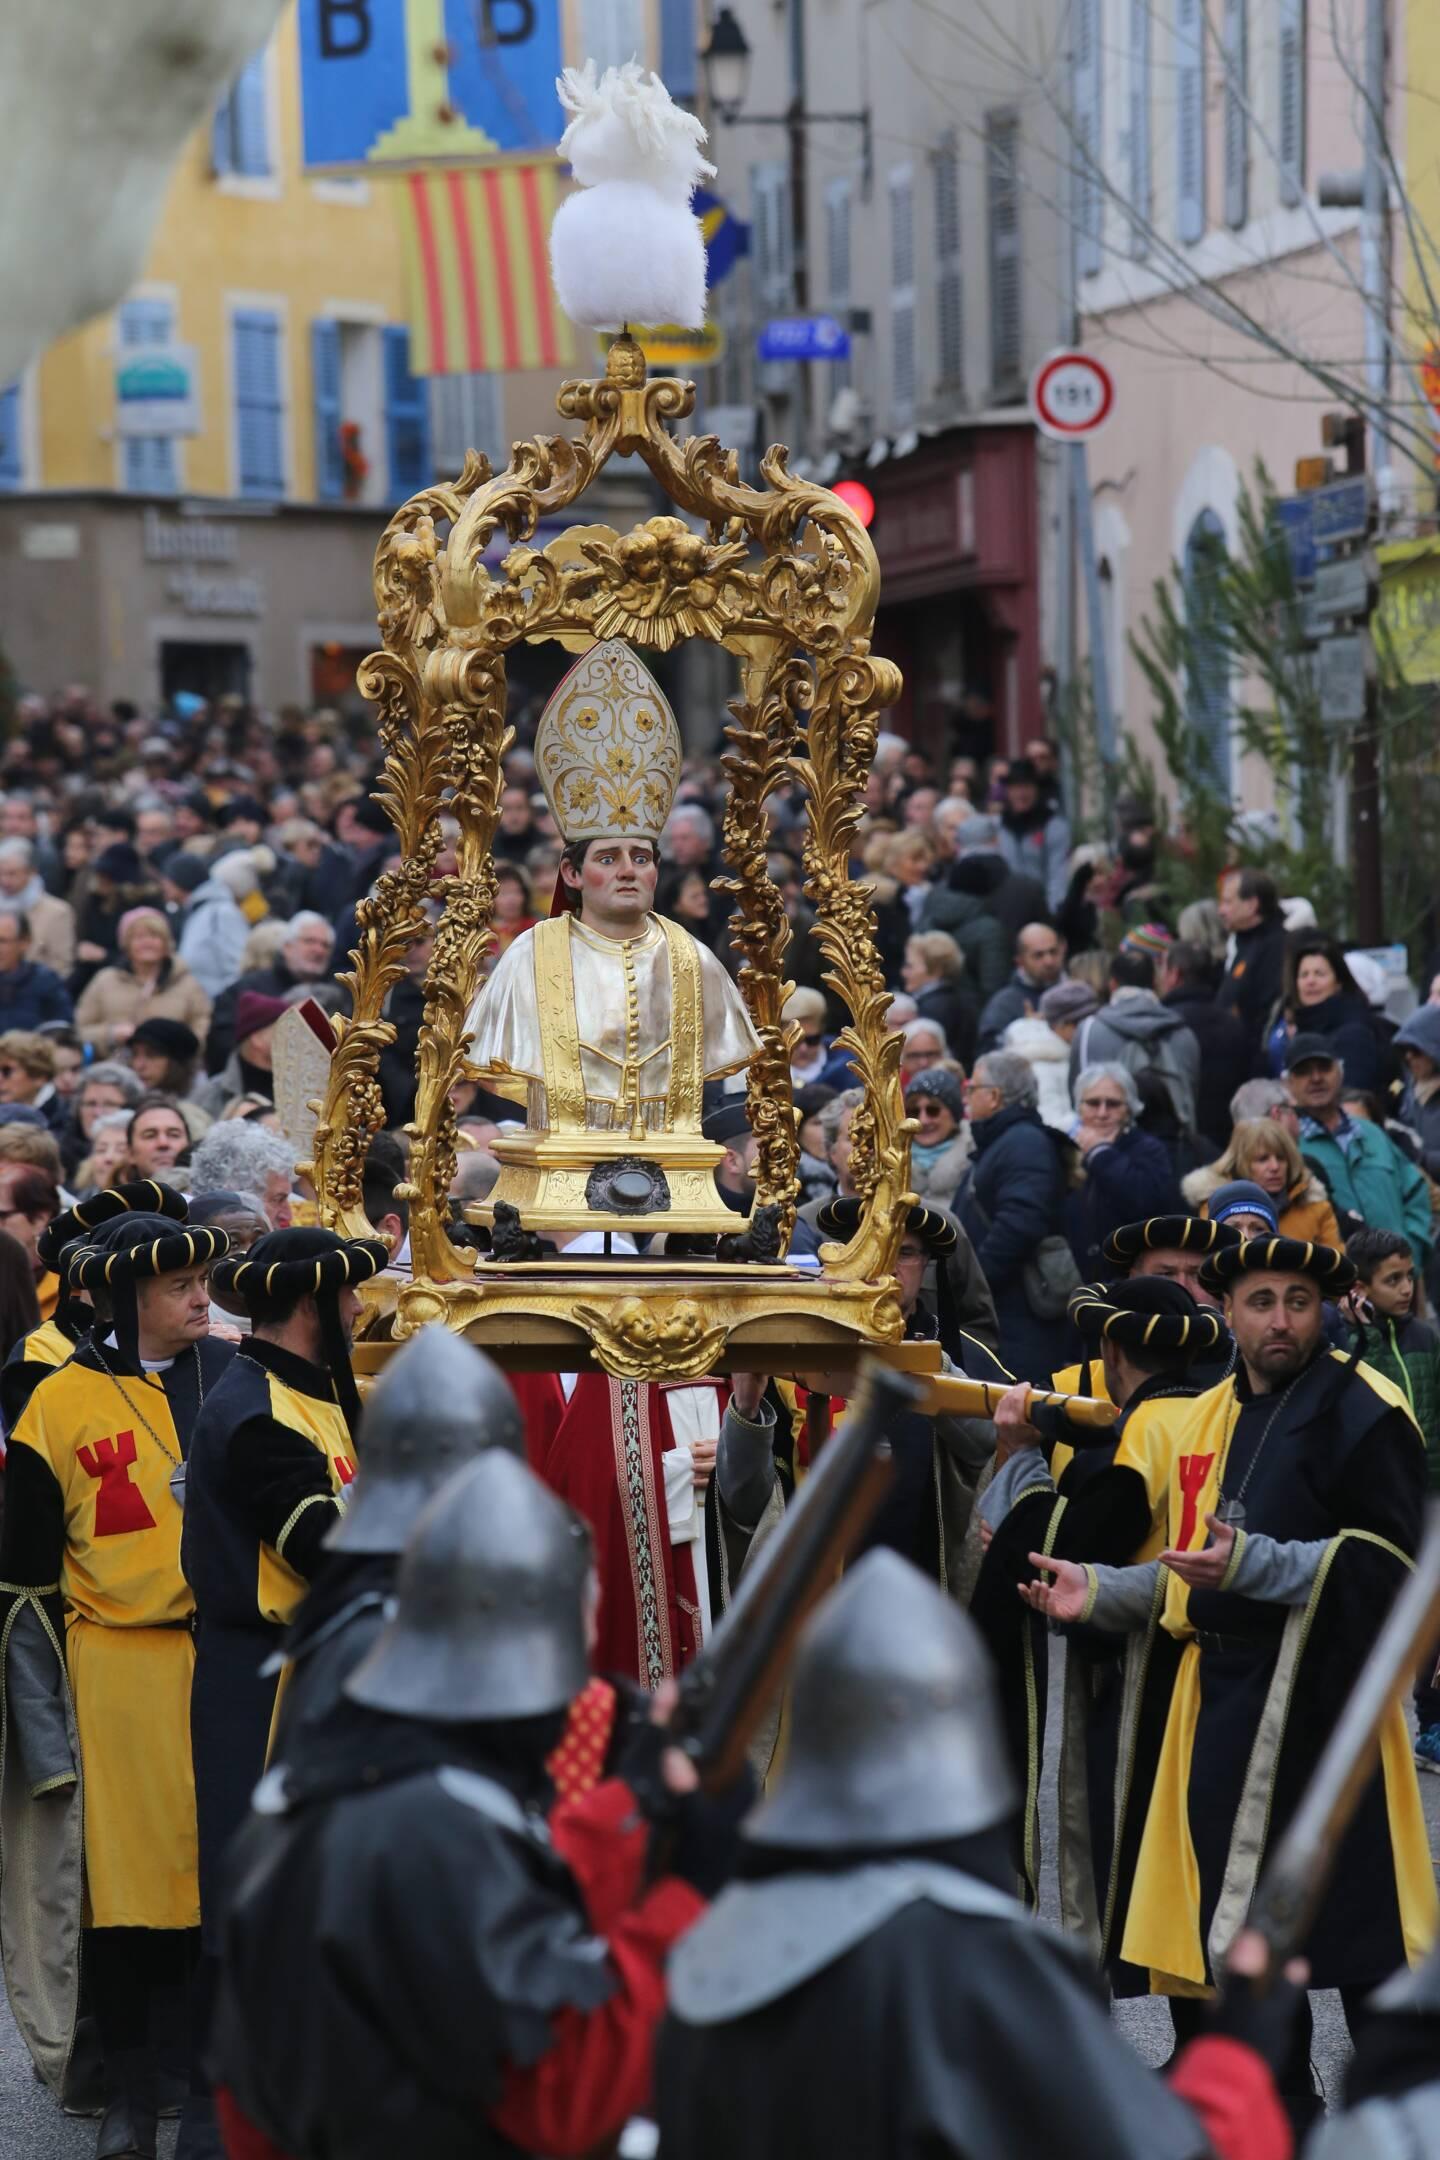 L'année dernière, la Saint-Marcel a pu être organisée quelques semaines avant le confinement.